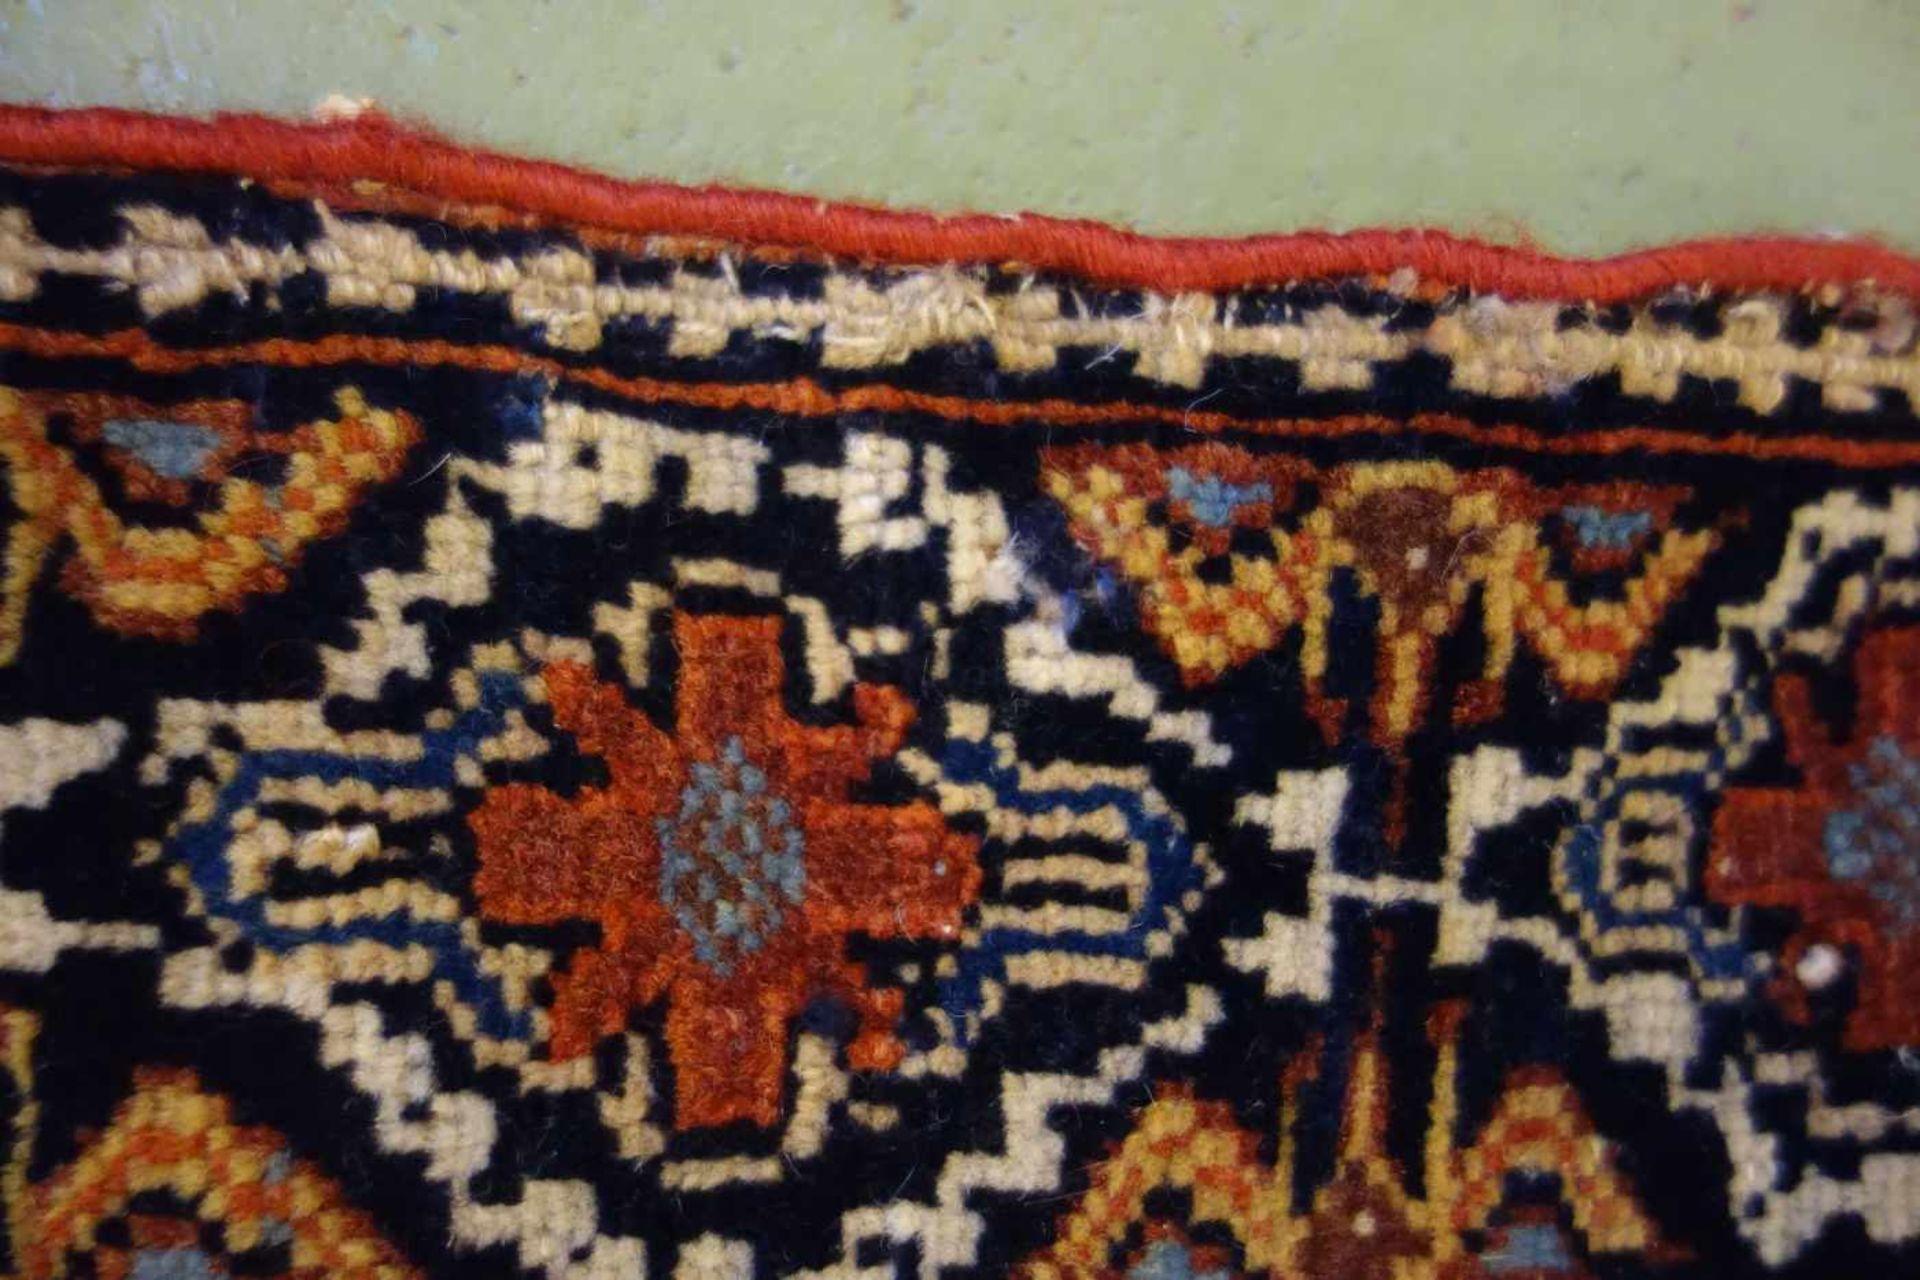 Los 34 - ERSARI BESCHIR SCHMUCKBEHANG / WANDBEHANG / NOMADEN-TEPPICH, Turkmenien, wohl 2. H. 19. Jh. / um...